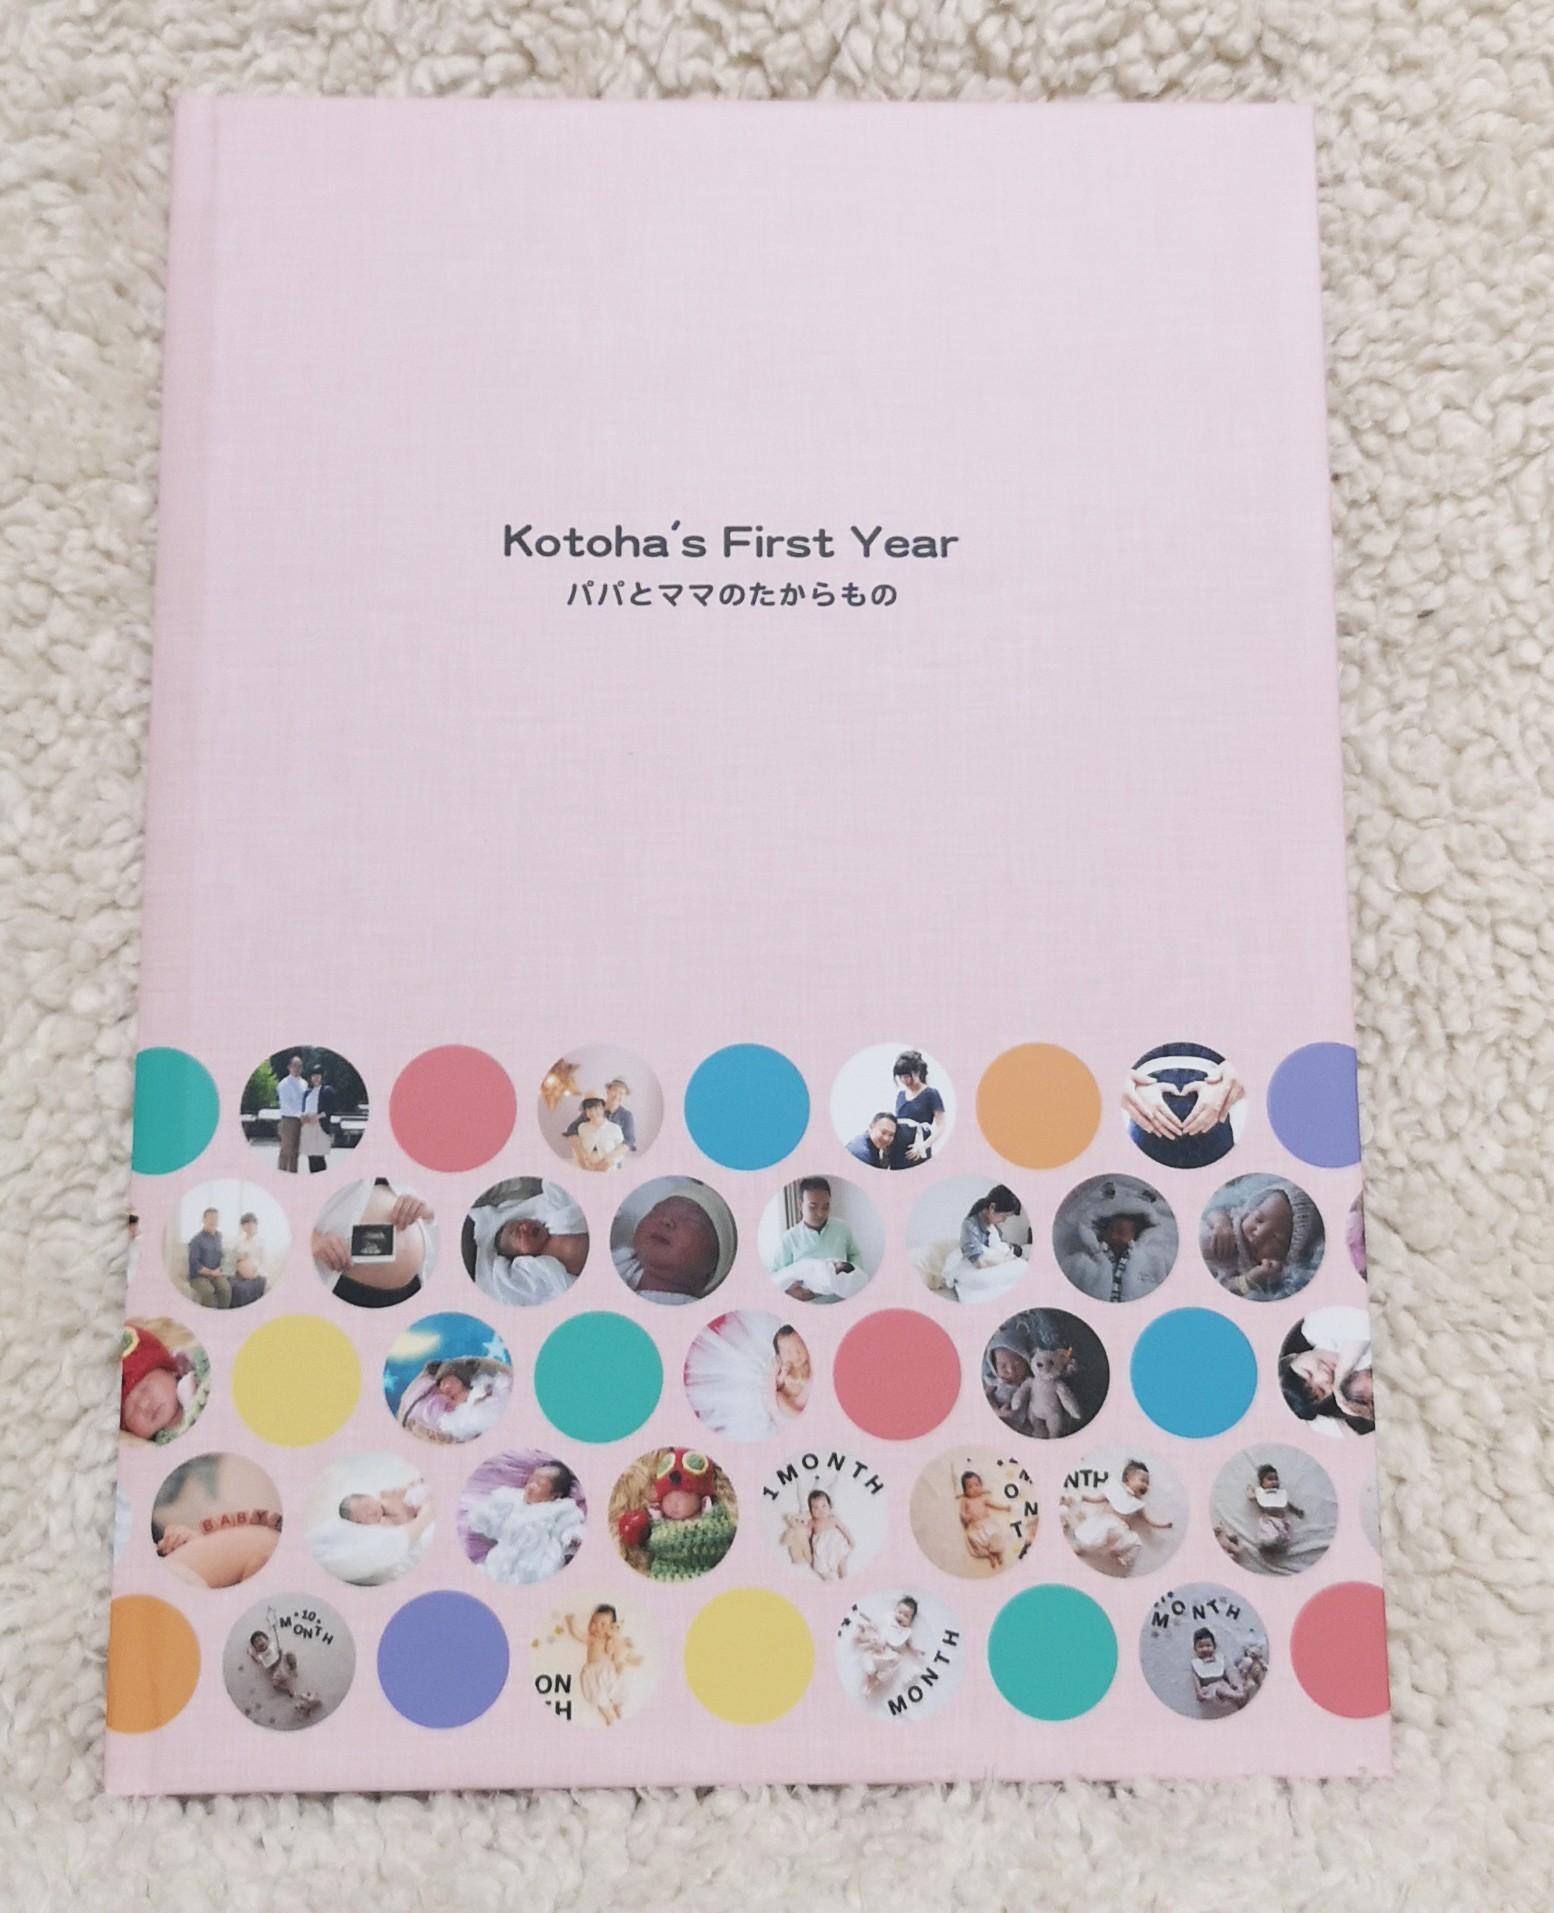 富士フイルムイヤーアルバム!1年の写真を簡単にフォトブックへ